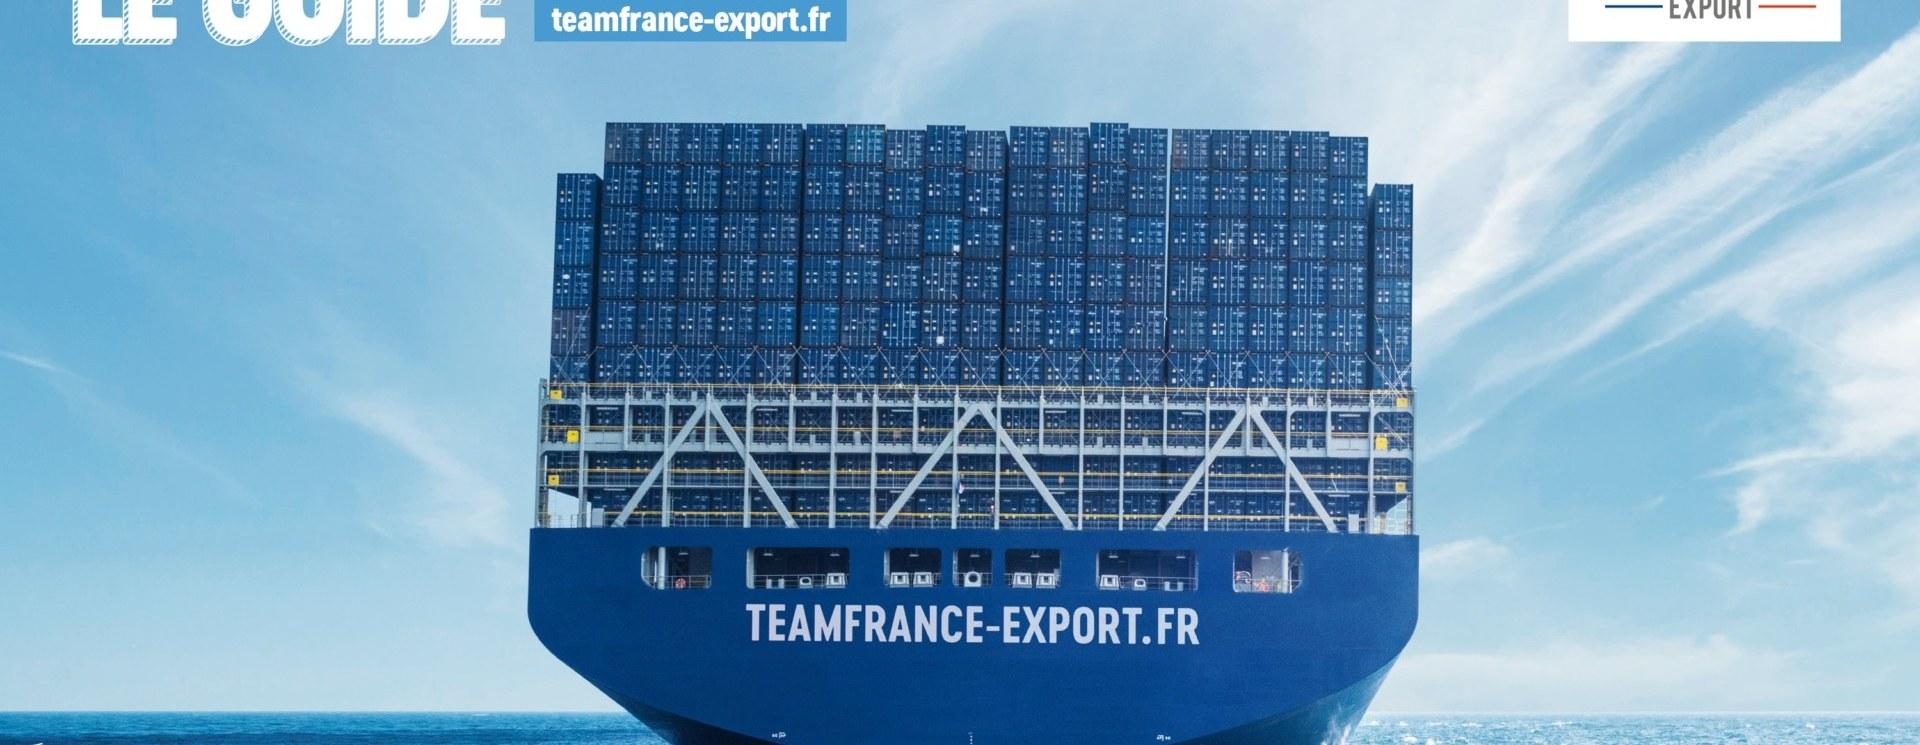 Découvrez teamfrance-export.fr, le coach digital pour vous guider vers les marchés internationaux